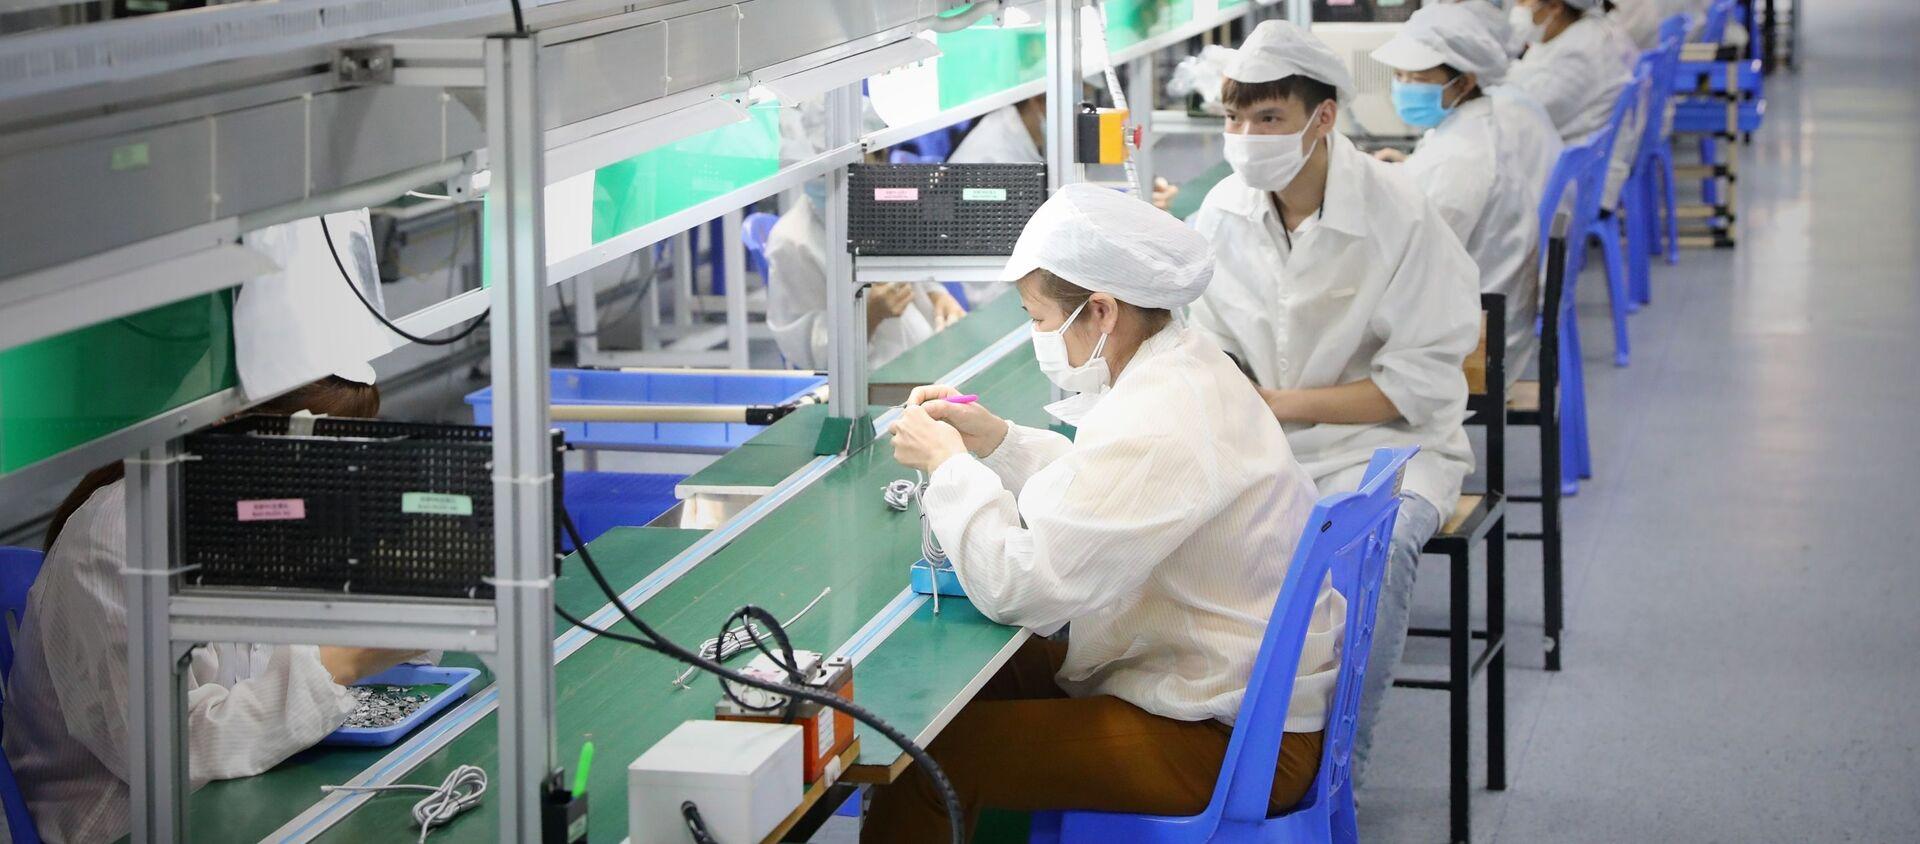 Сông nhân Công ty TNHH New Wing Interconnect Technology (KCN Vân Trung)ở huyện Việt Yên, tỉnh Bắc Giang  - Sputnik Việt Nam, 1920, 24.06.2021